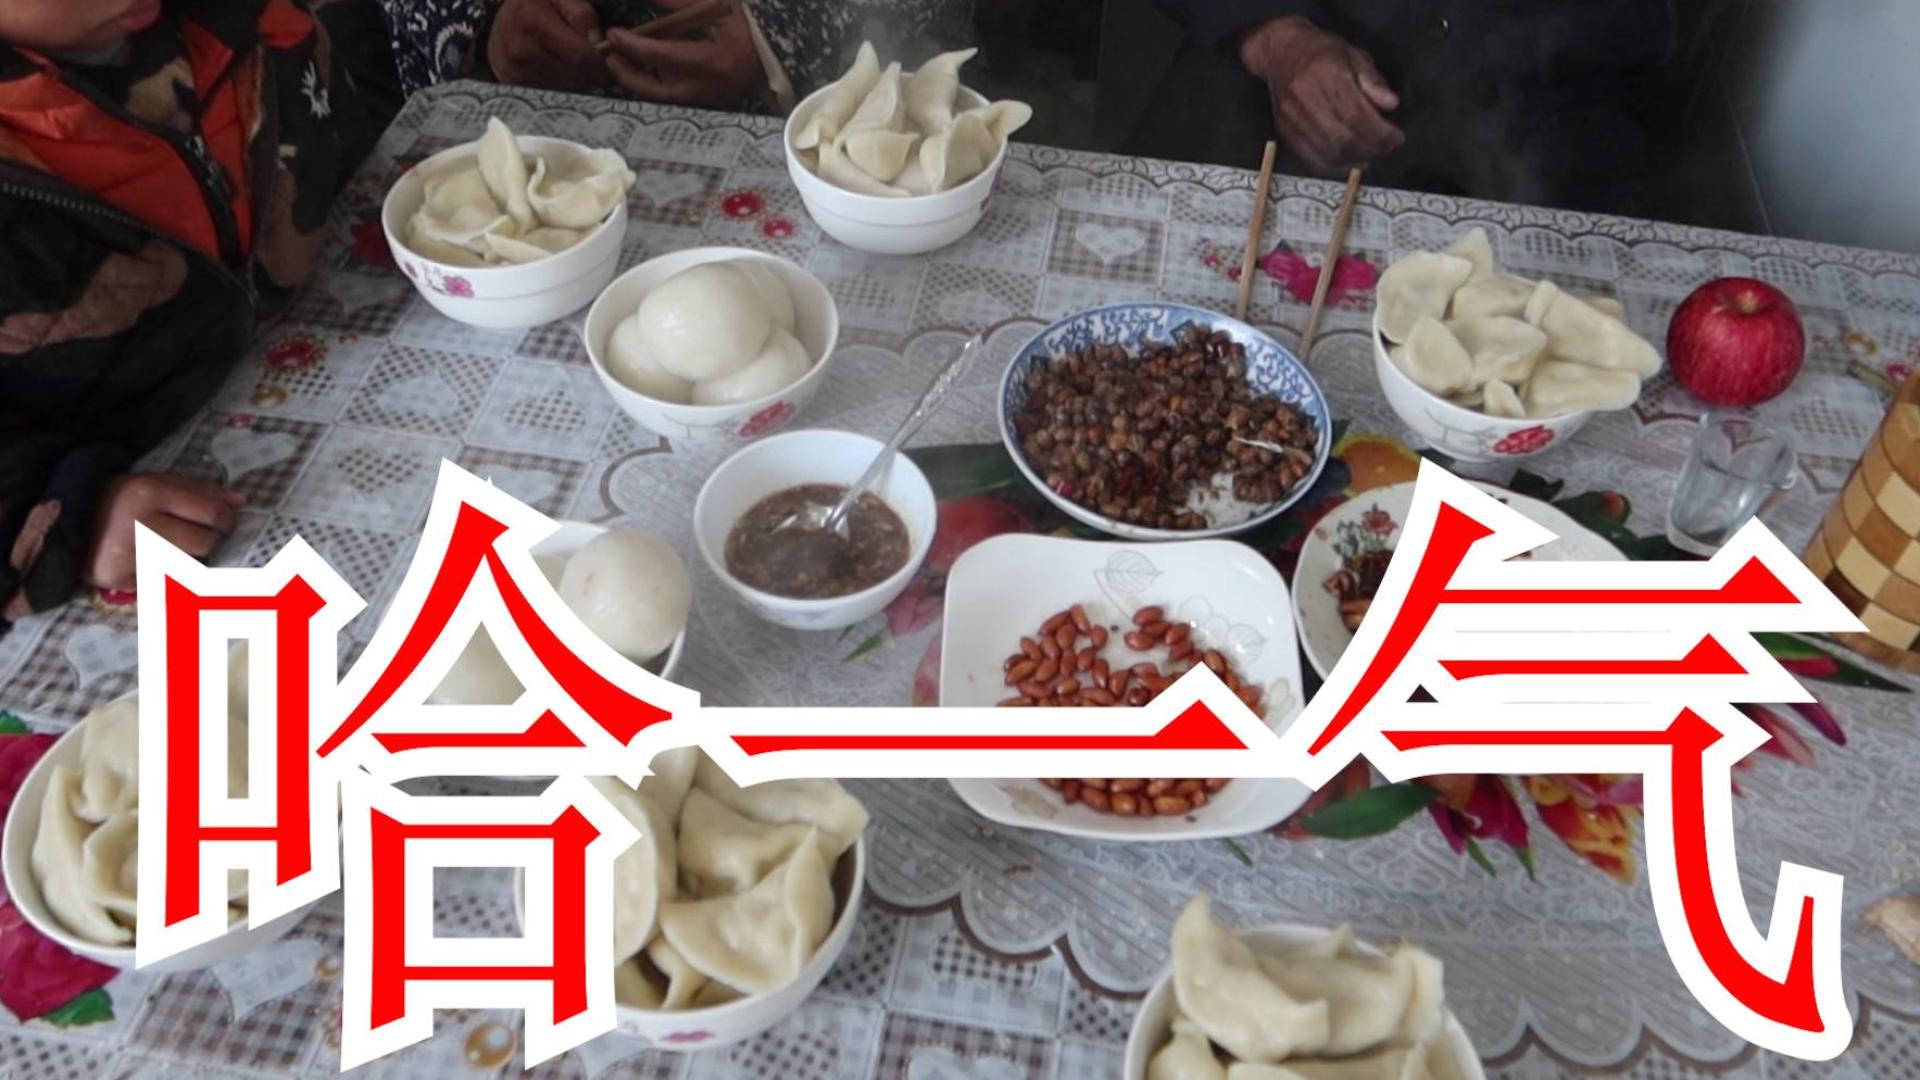 元宵节老爸抢购了一块猪肉,在家包饺子包汤圆,喝二两白酒很舒坦